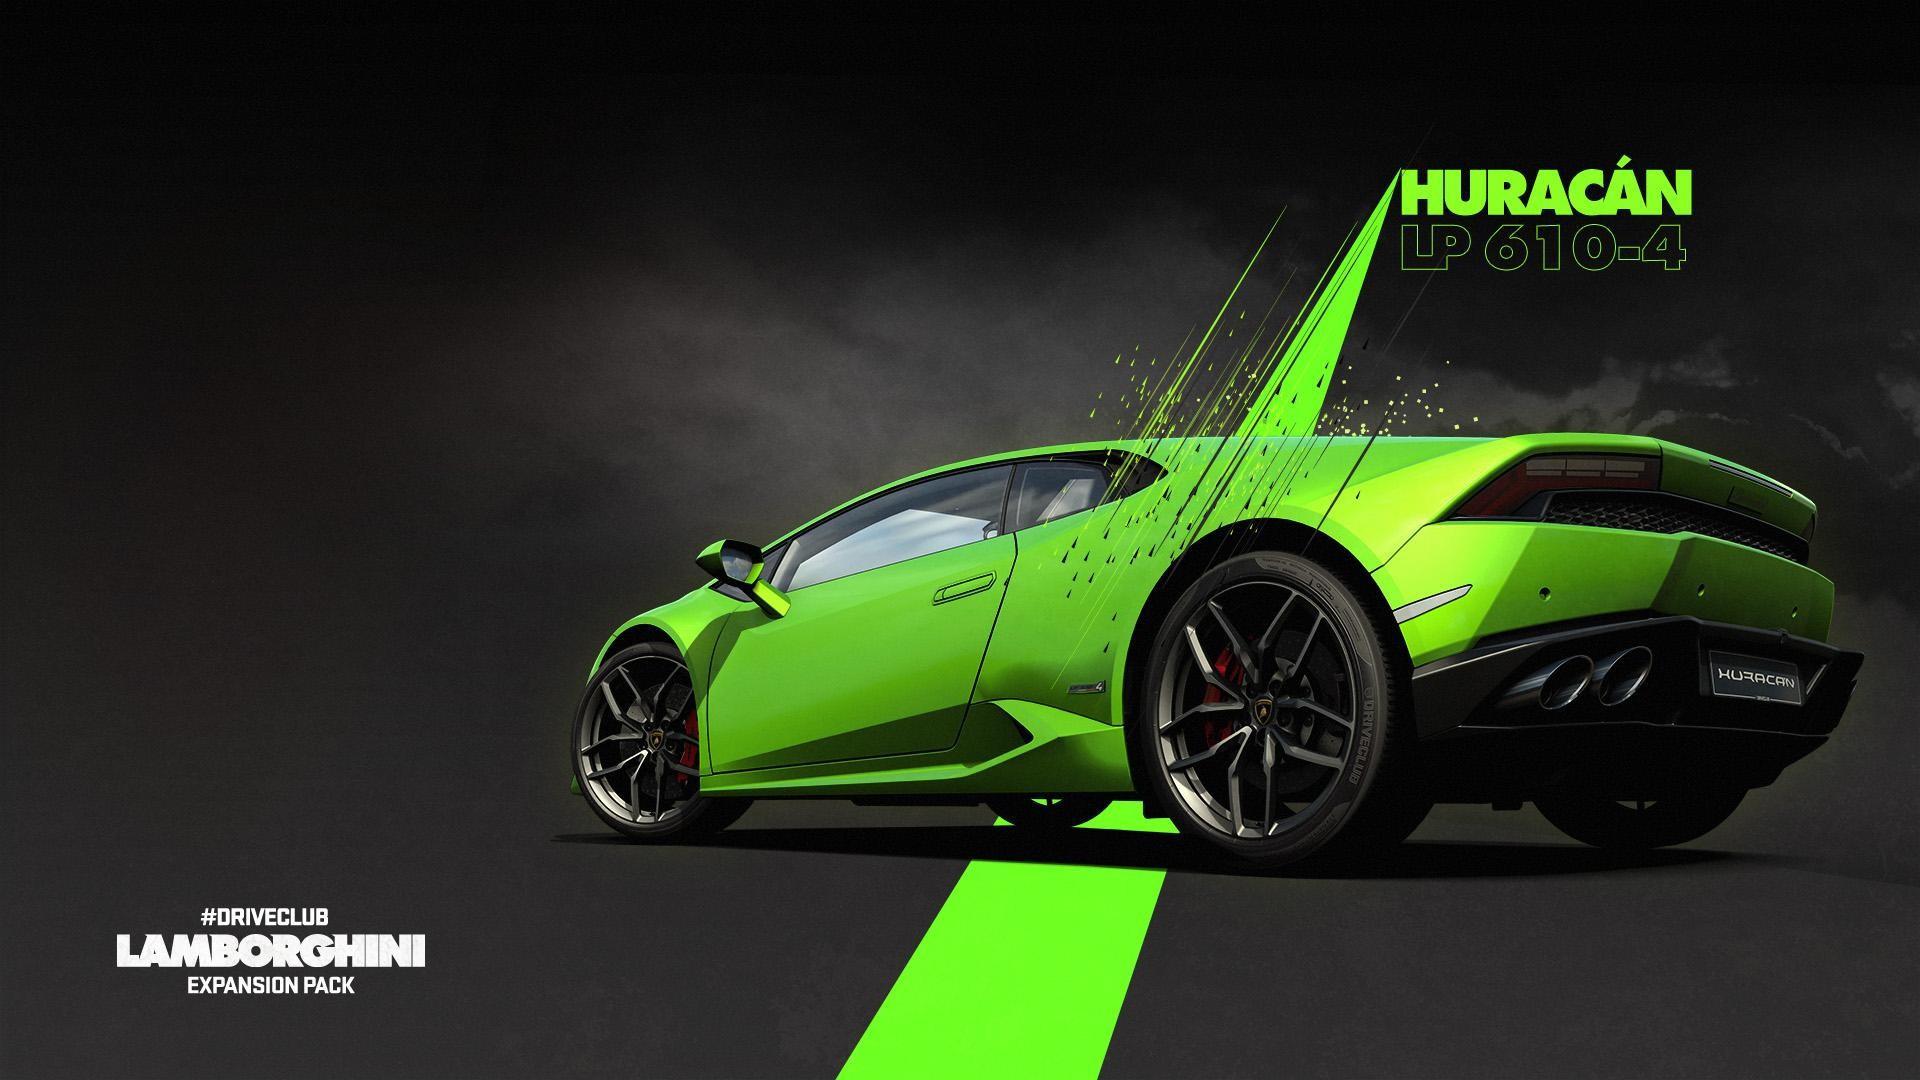 Lamborghini huracan wallpaper 1920x1080